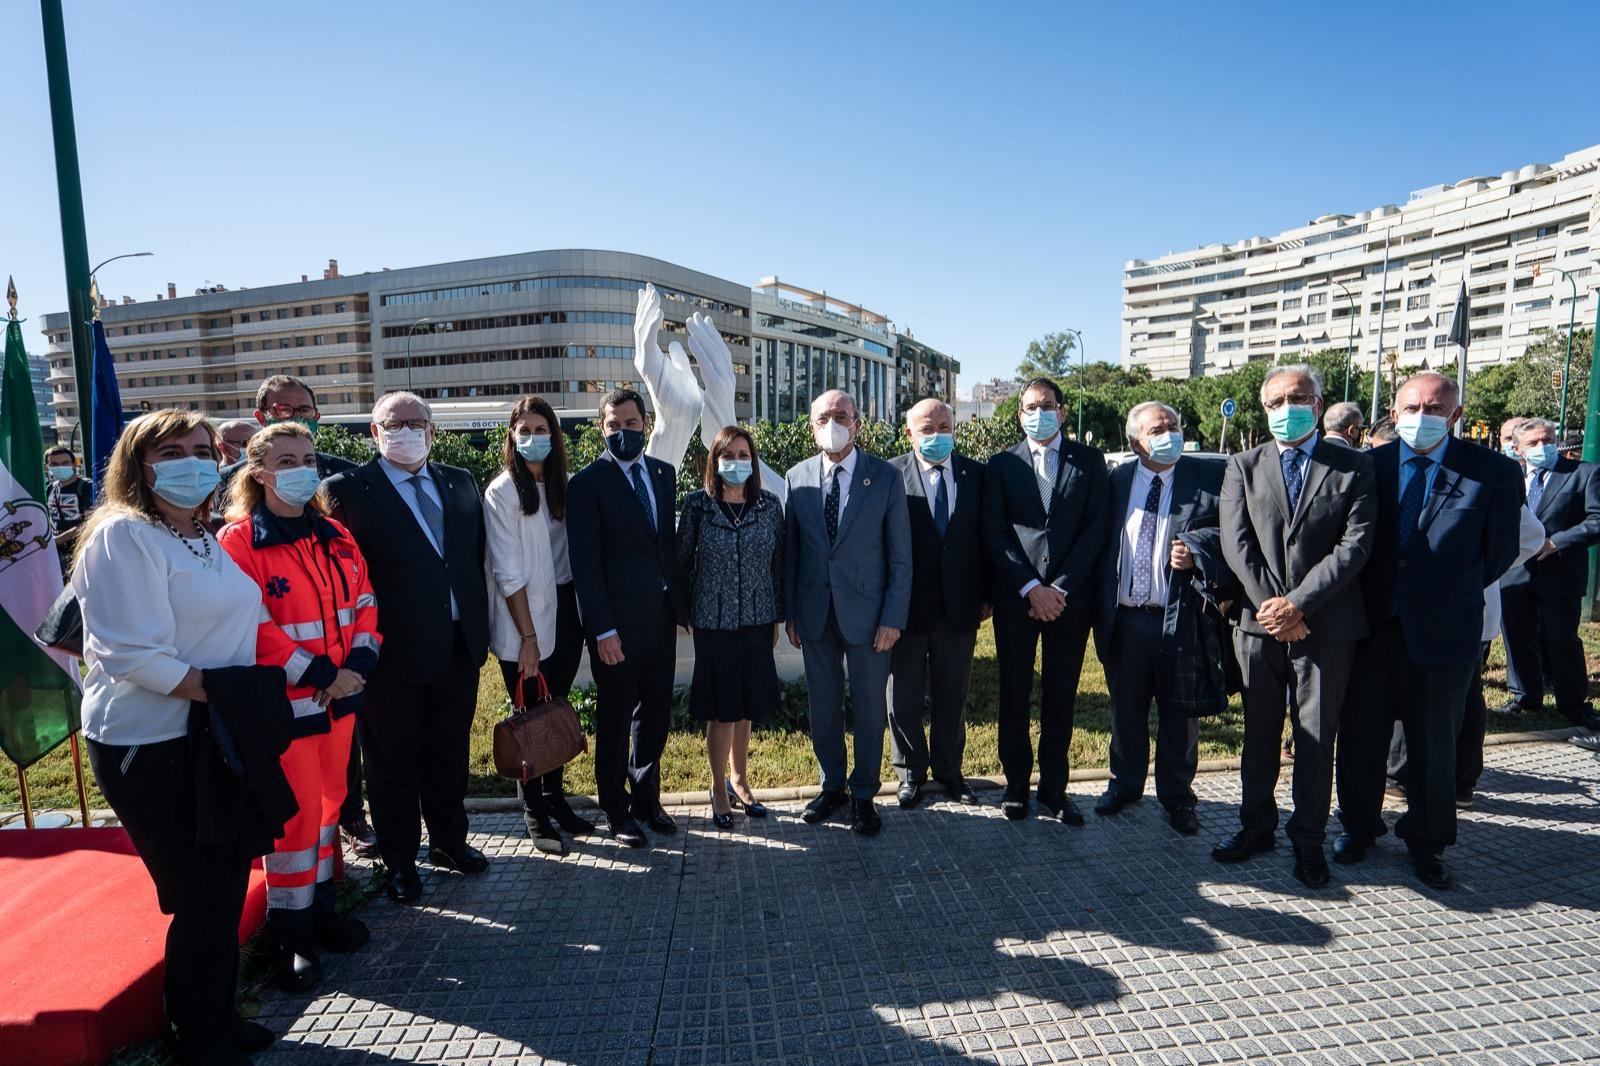 El presidente andaluz ha asistido en Málaga a la inauguración de la escultura homenaje dedicada a todos los que dan lo mejor de sí mismos para hacer frente a la Covid-19